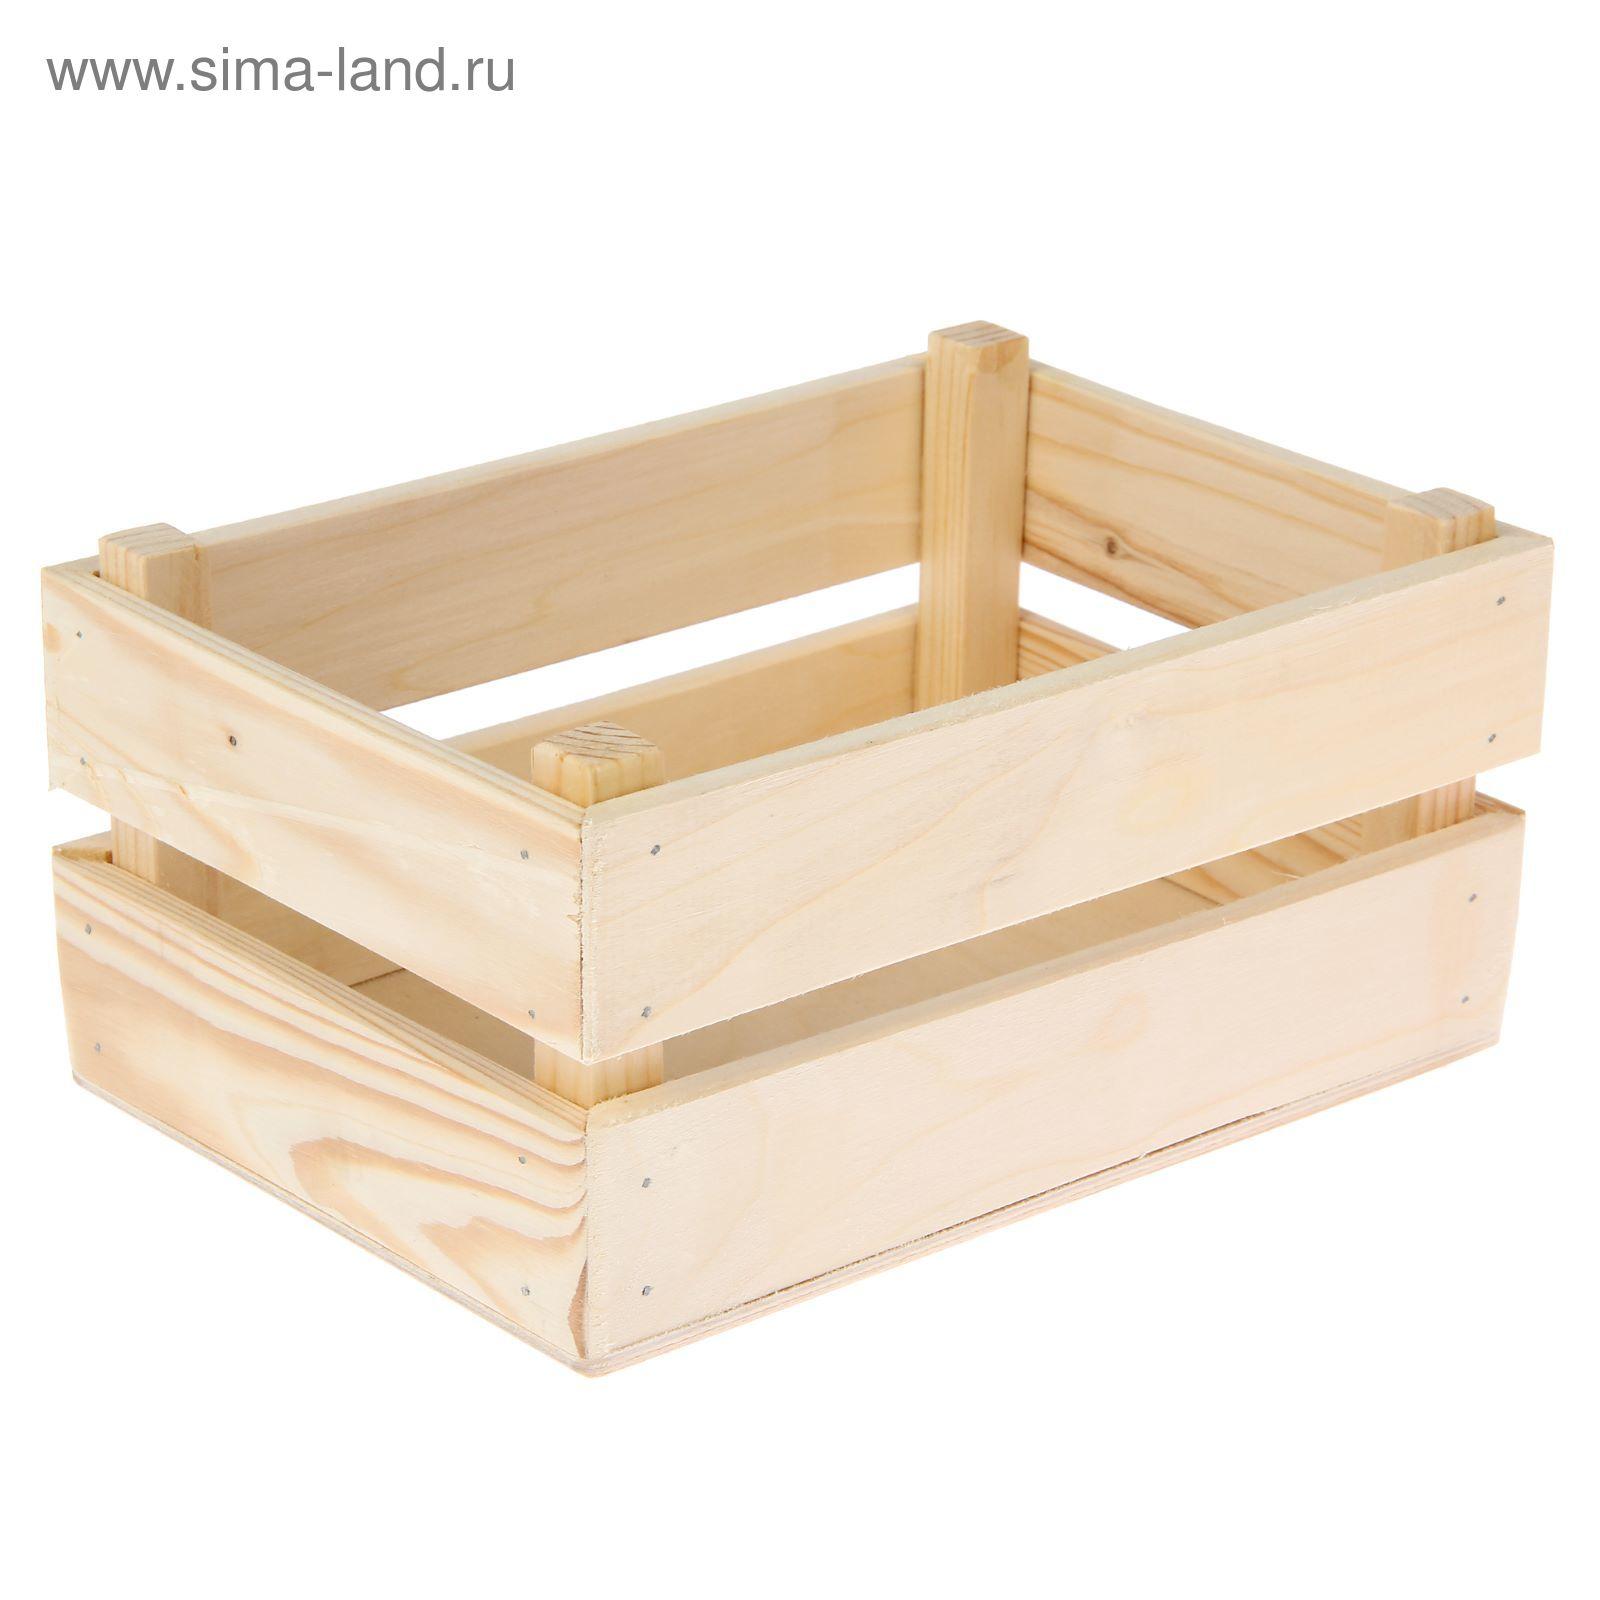 bed51e1a1c0e9 Ящик деревянный (2542609) - Купить по цене от 284.90 руб. | Интернет ...